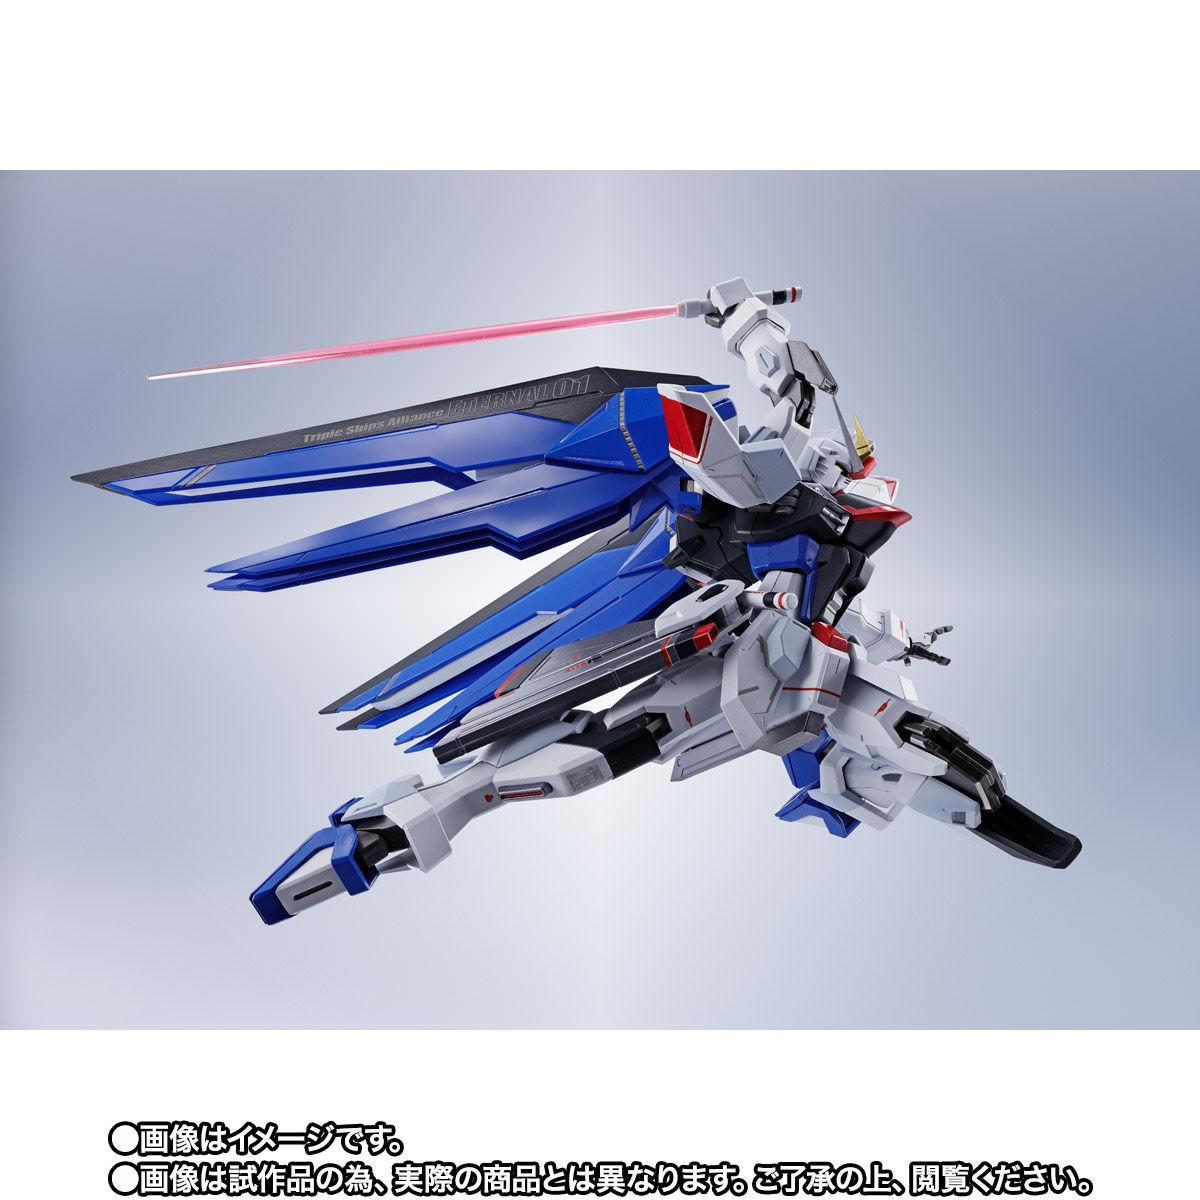 【限定販売】【再販】METAL ROBOT魂〈SIDE MS〉『フリーダムガンダム』ガンダムSEED 可動フィギュア-008